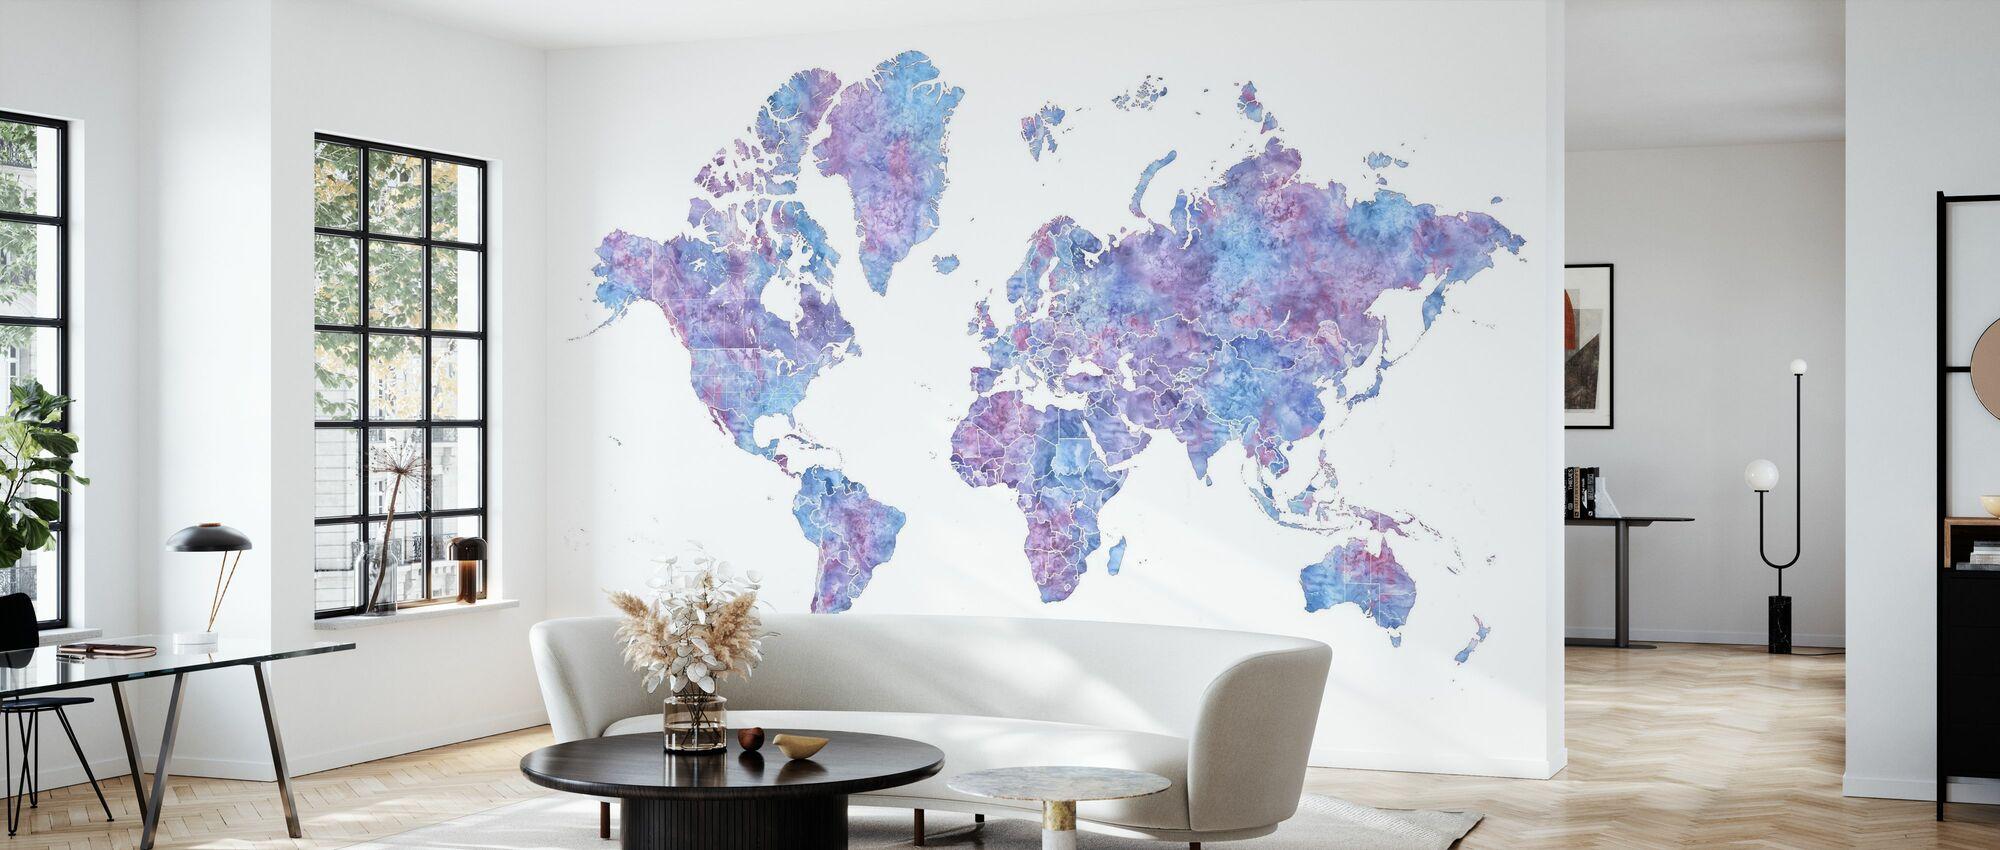 Weltkarte ohne Text IIII - Tapete - Wohnzimmer